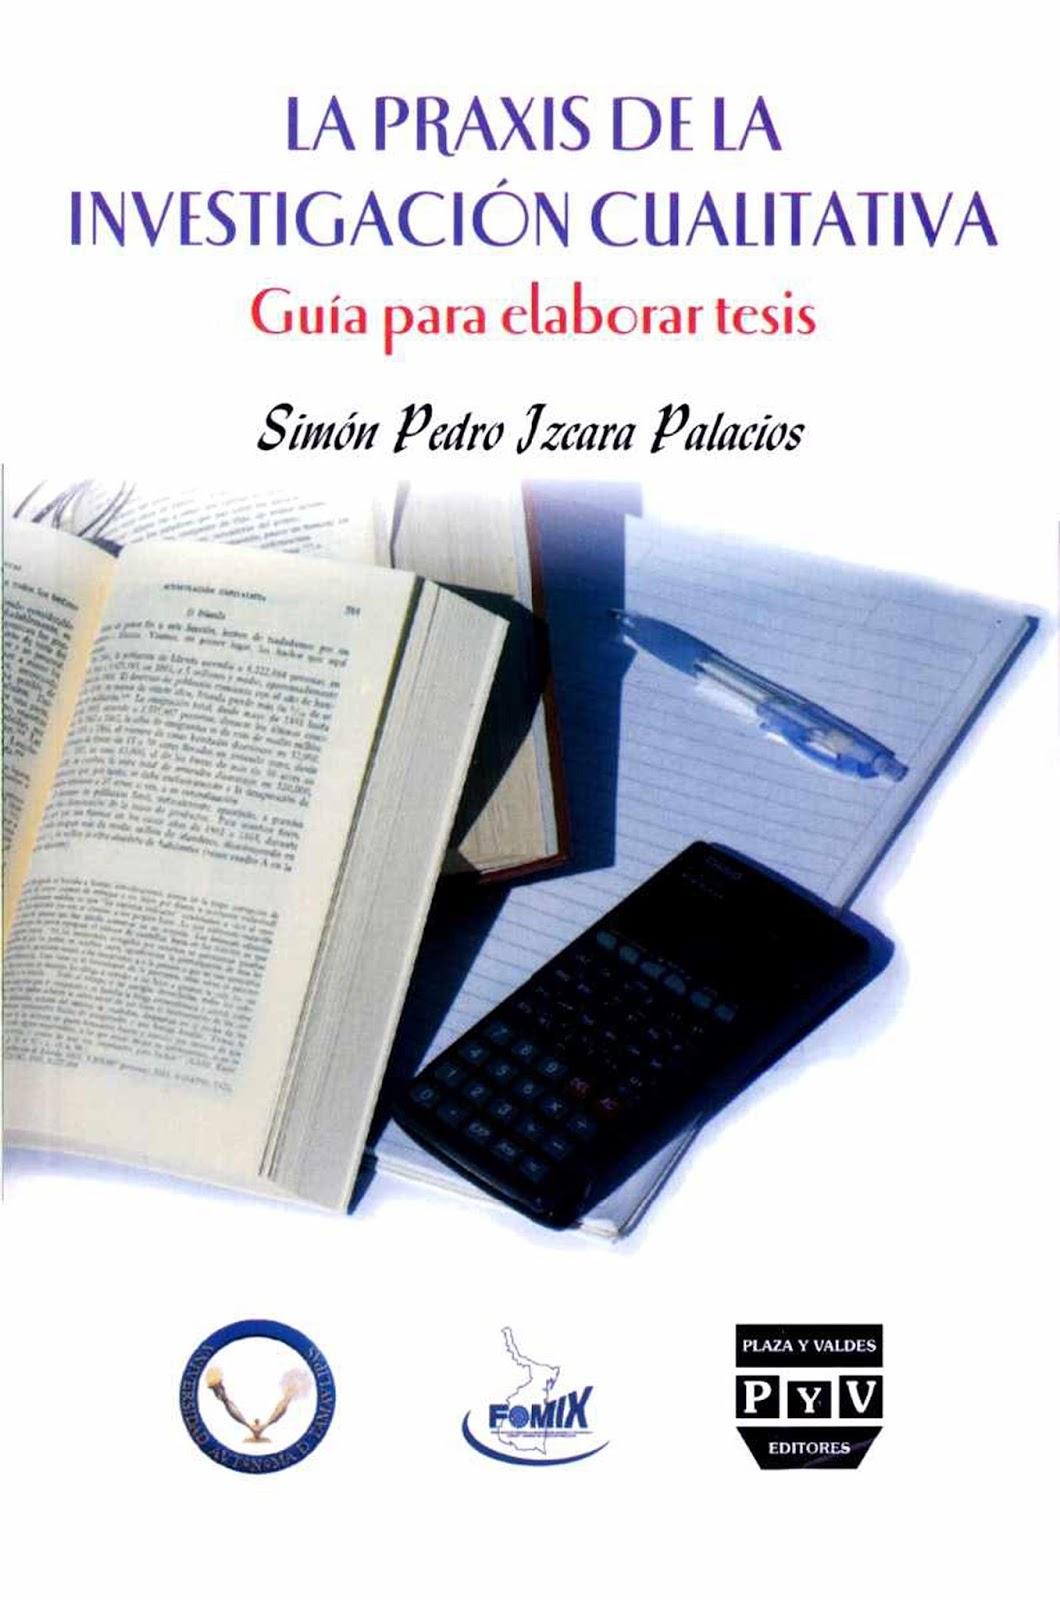 La praxis de la investigación cualitativa: Guía para elaborar tesis – Simón Pedro Izcara Palacios